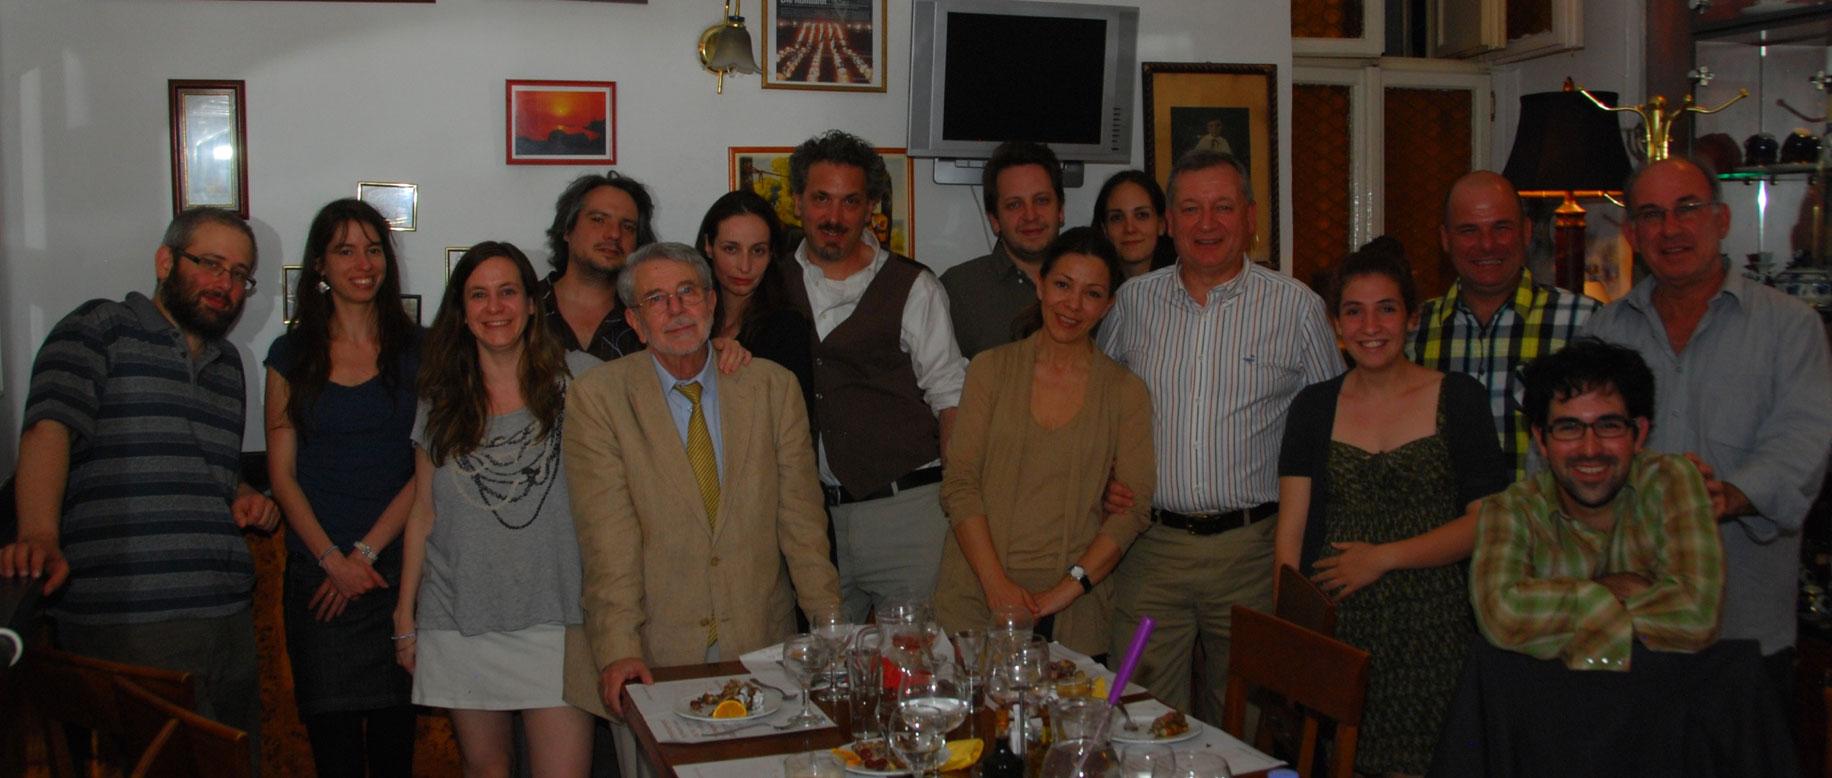 budapest-reunion